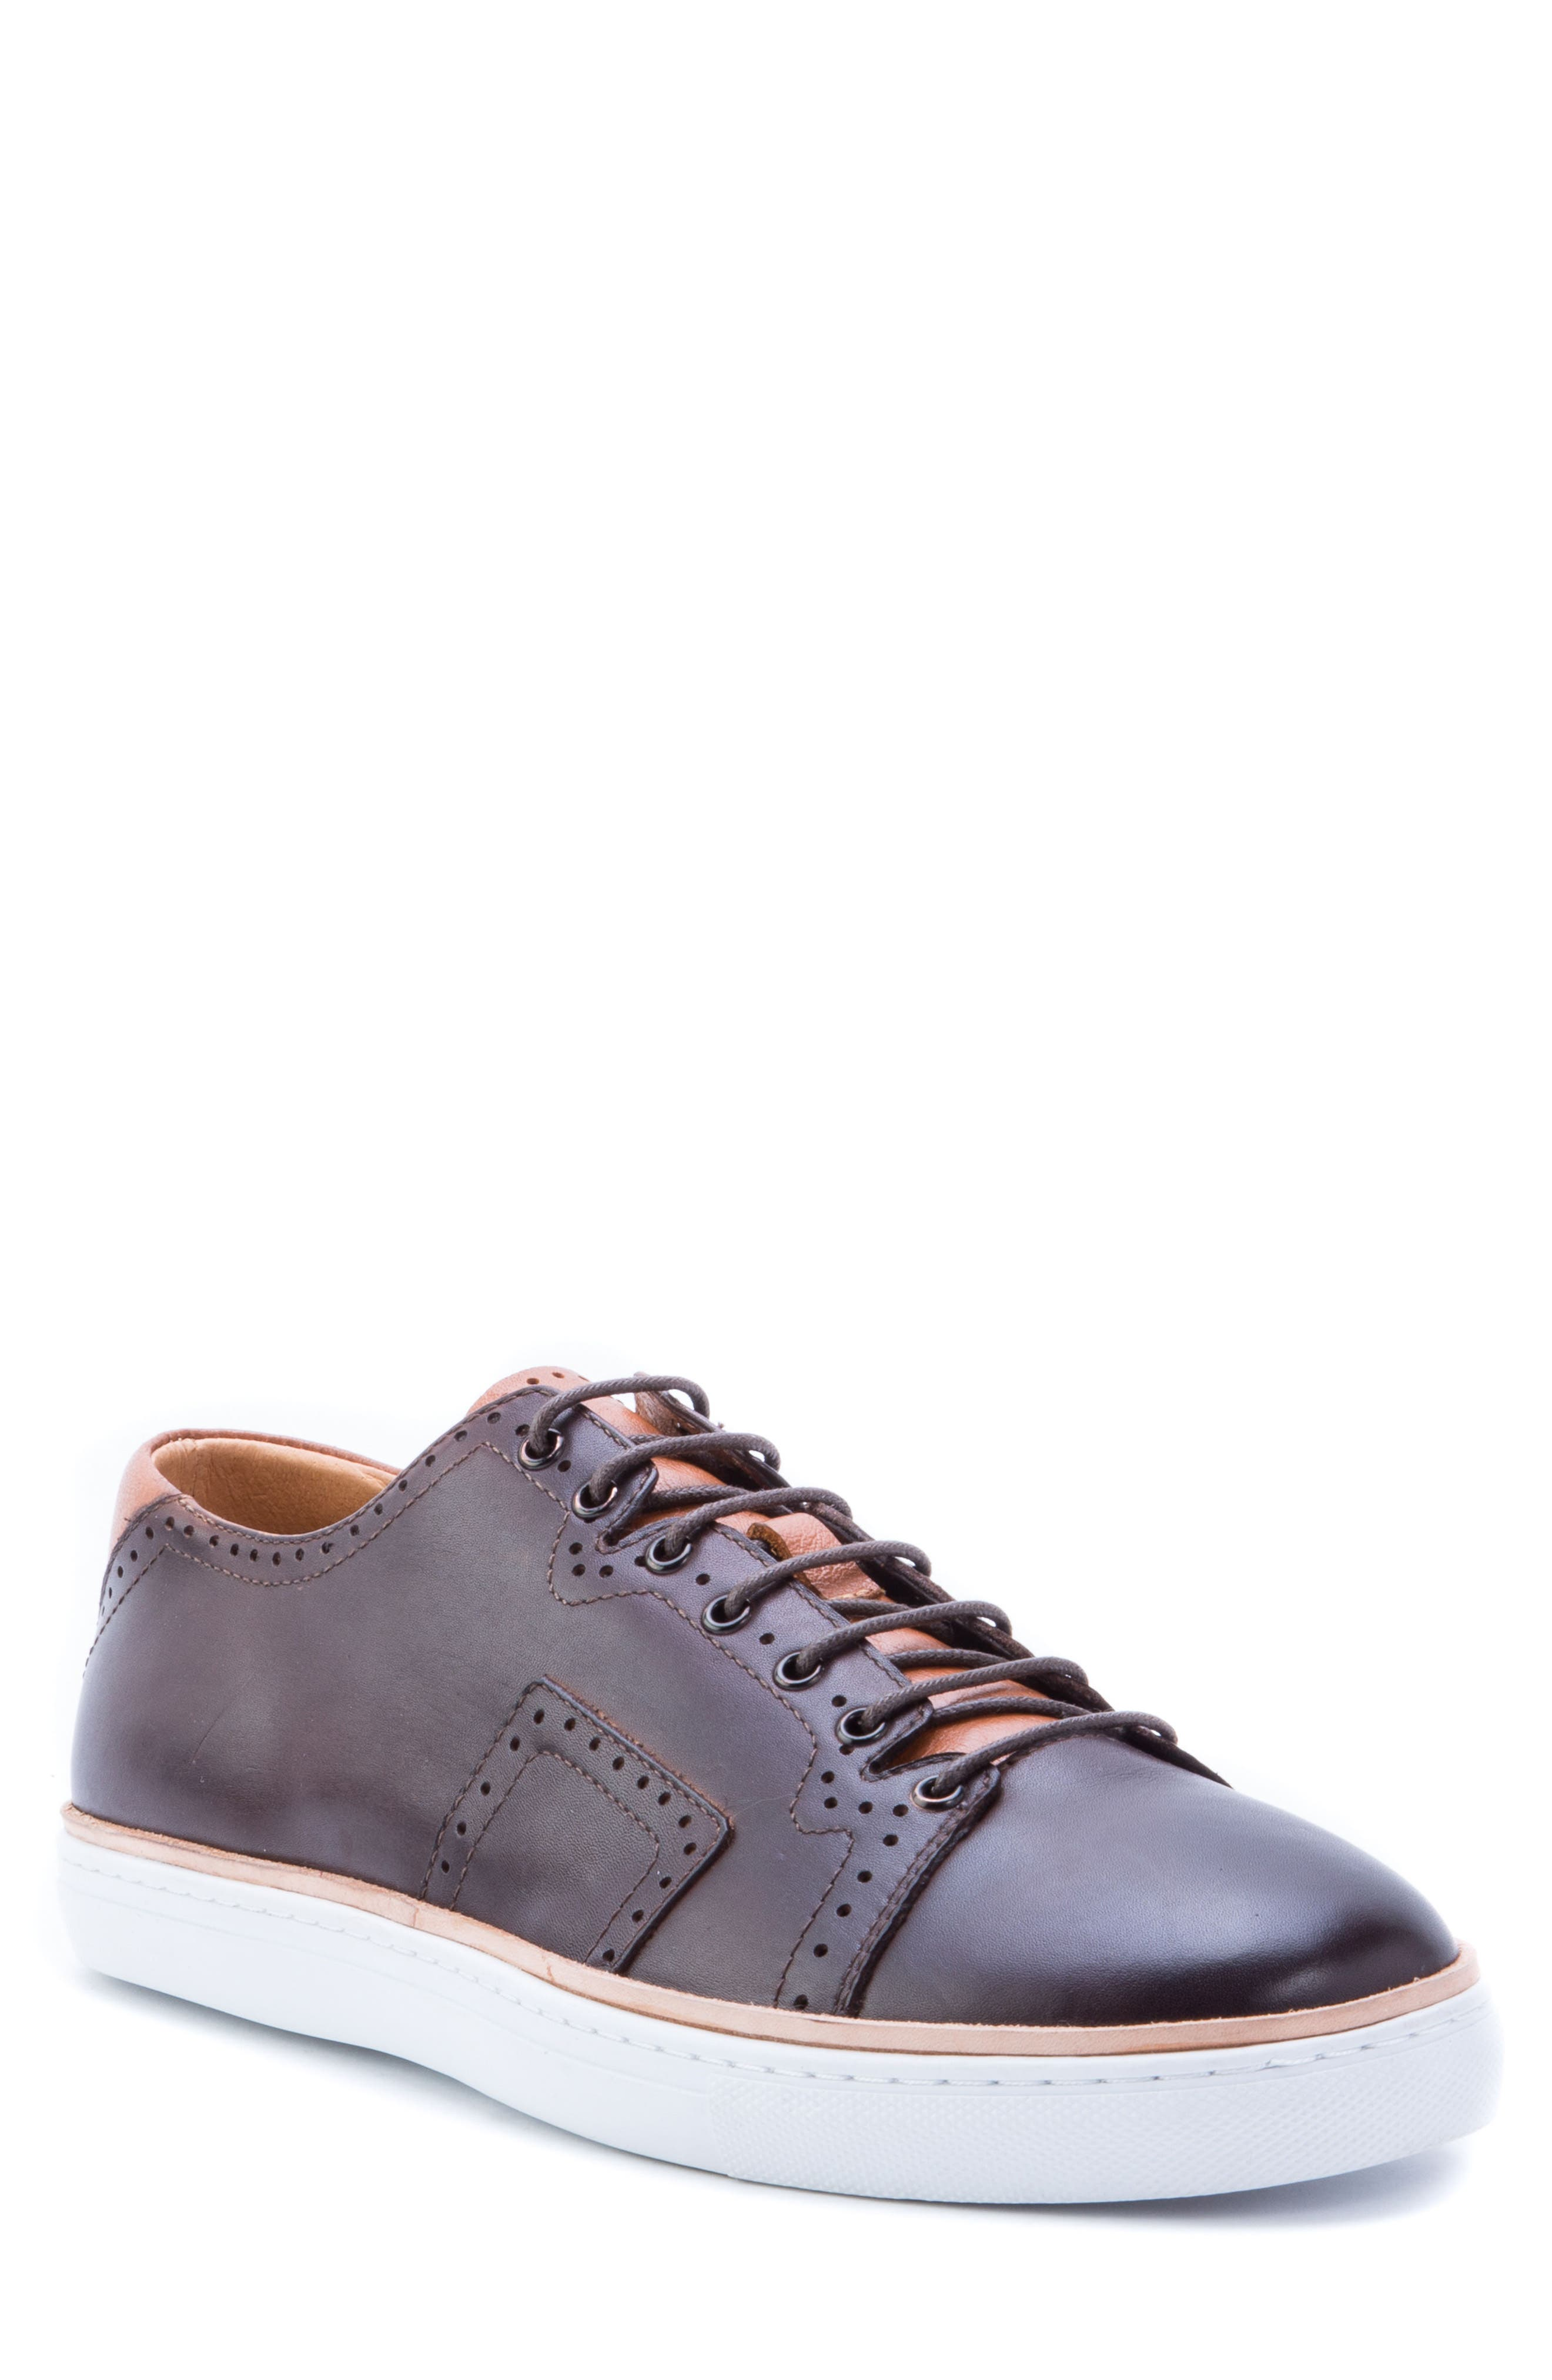 Marti Low Top Sneaker,                         Main,                         color, 200